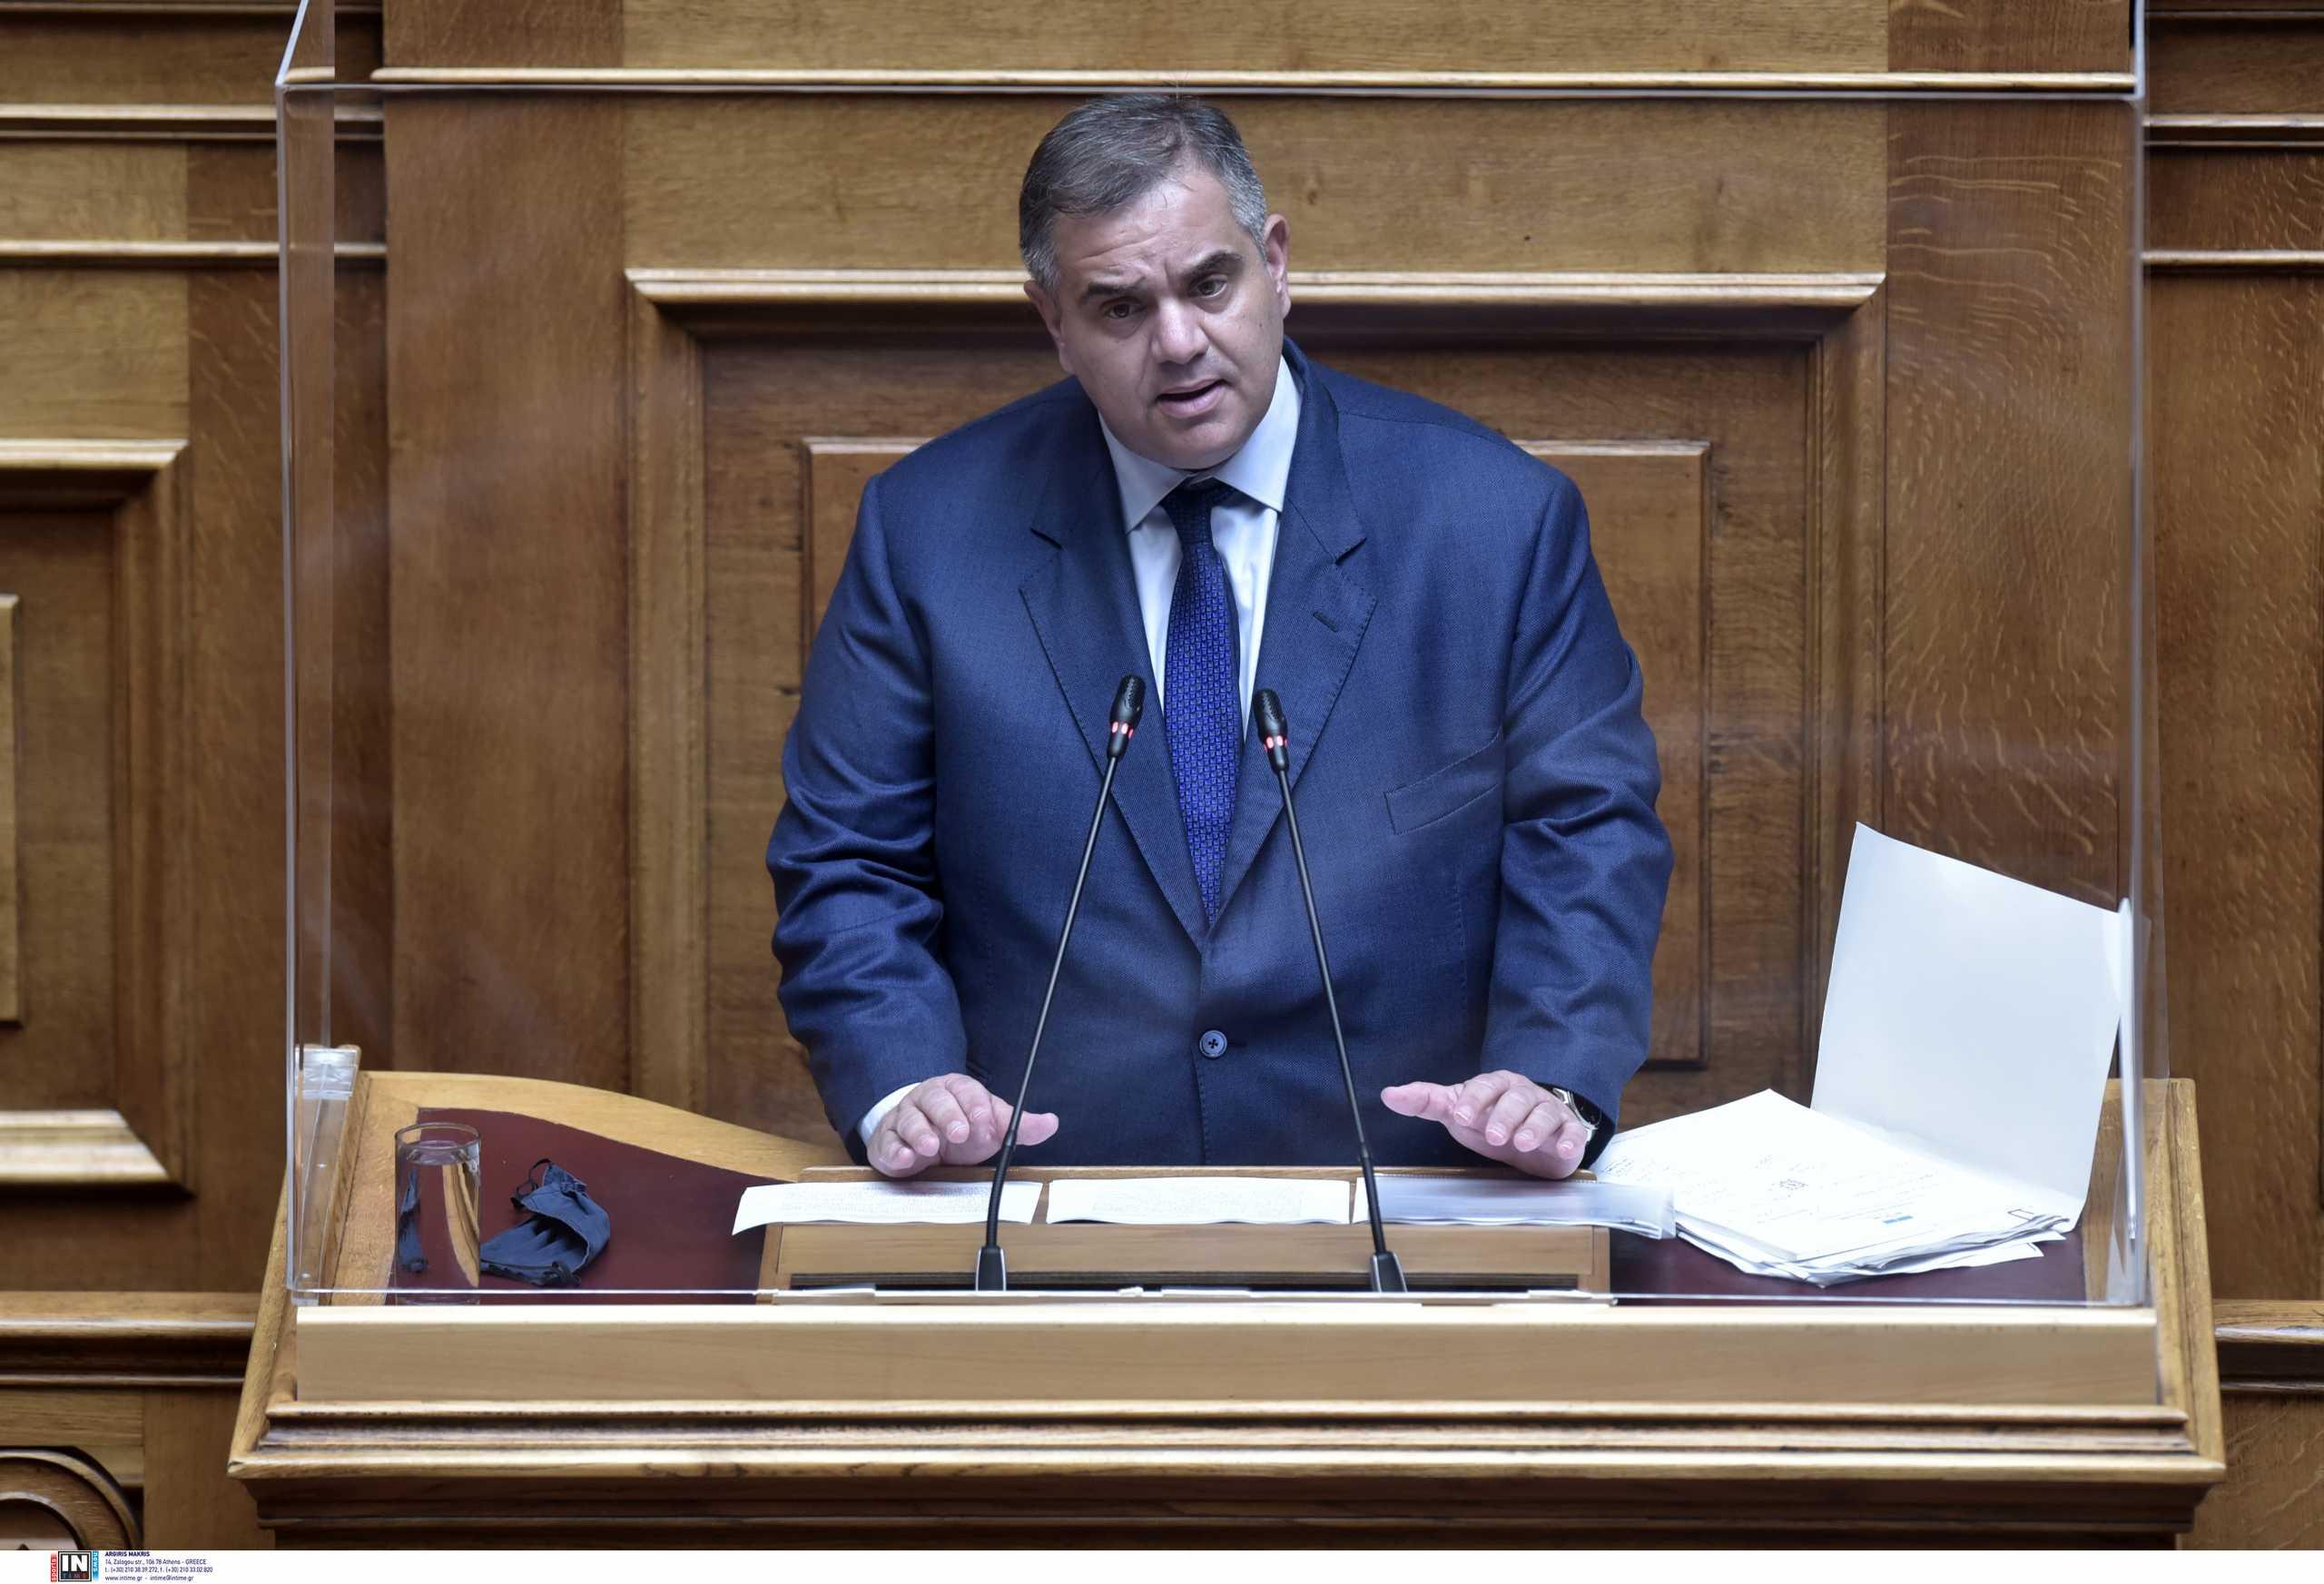 Βασίλης Σπανάκης: «Πήραν θεσμική απάντηση όσοι προσπάθησαν να με ακυρώσουν πολιτικά»